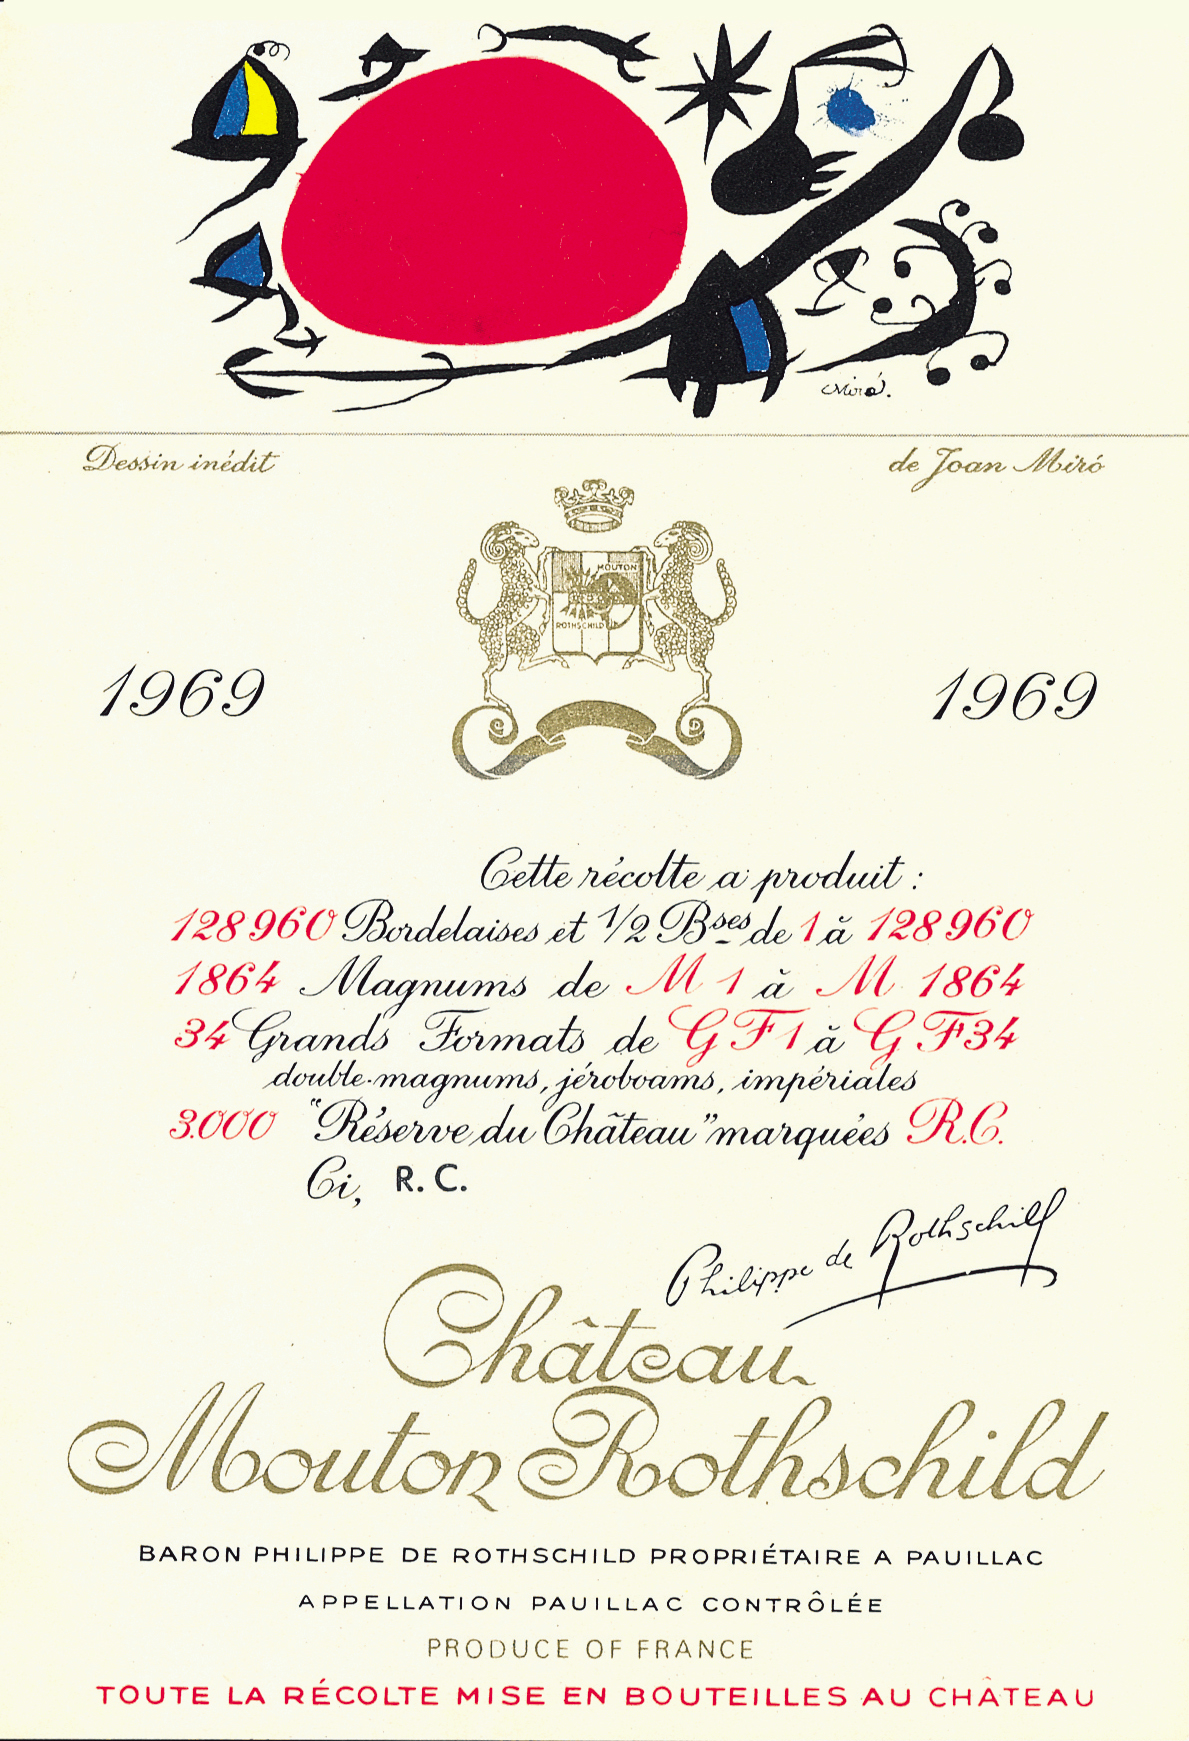 Etiquette Mouton Rothschild 1969